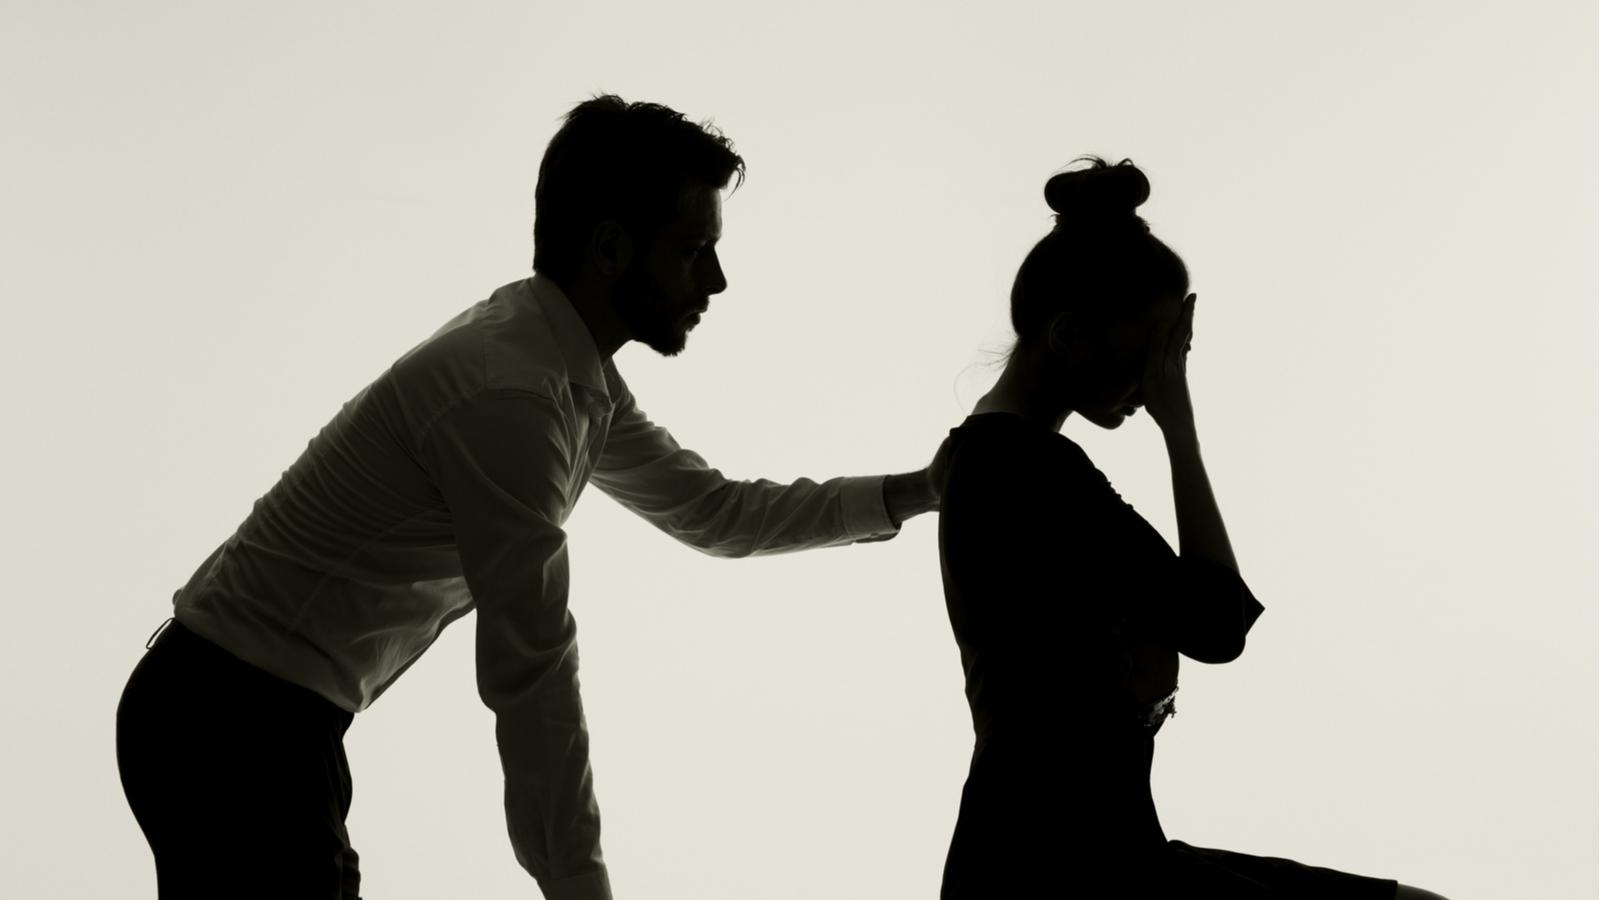 Vì sao cặp đôi chấp nhận mối quan hệ rạn nứt hơn việc chia tay?